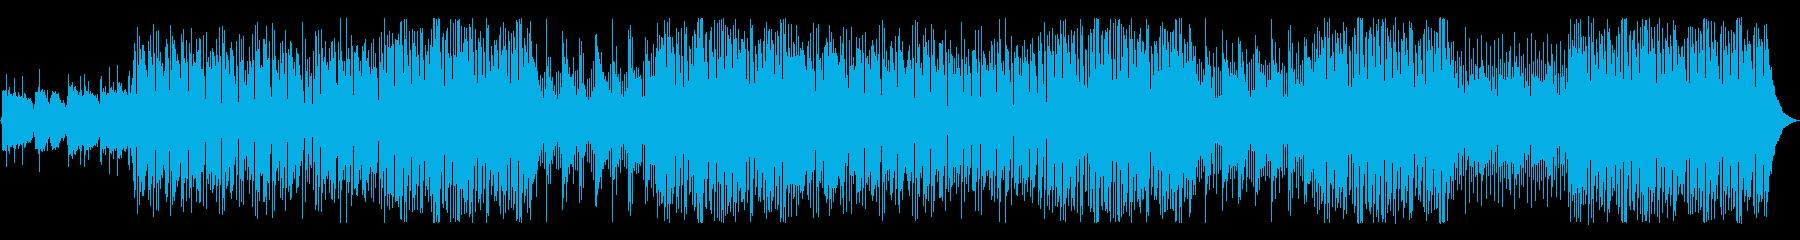 ギター、エレクトリックピアノ、オル...の再生済みの波形